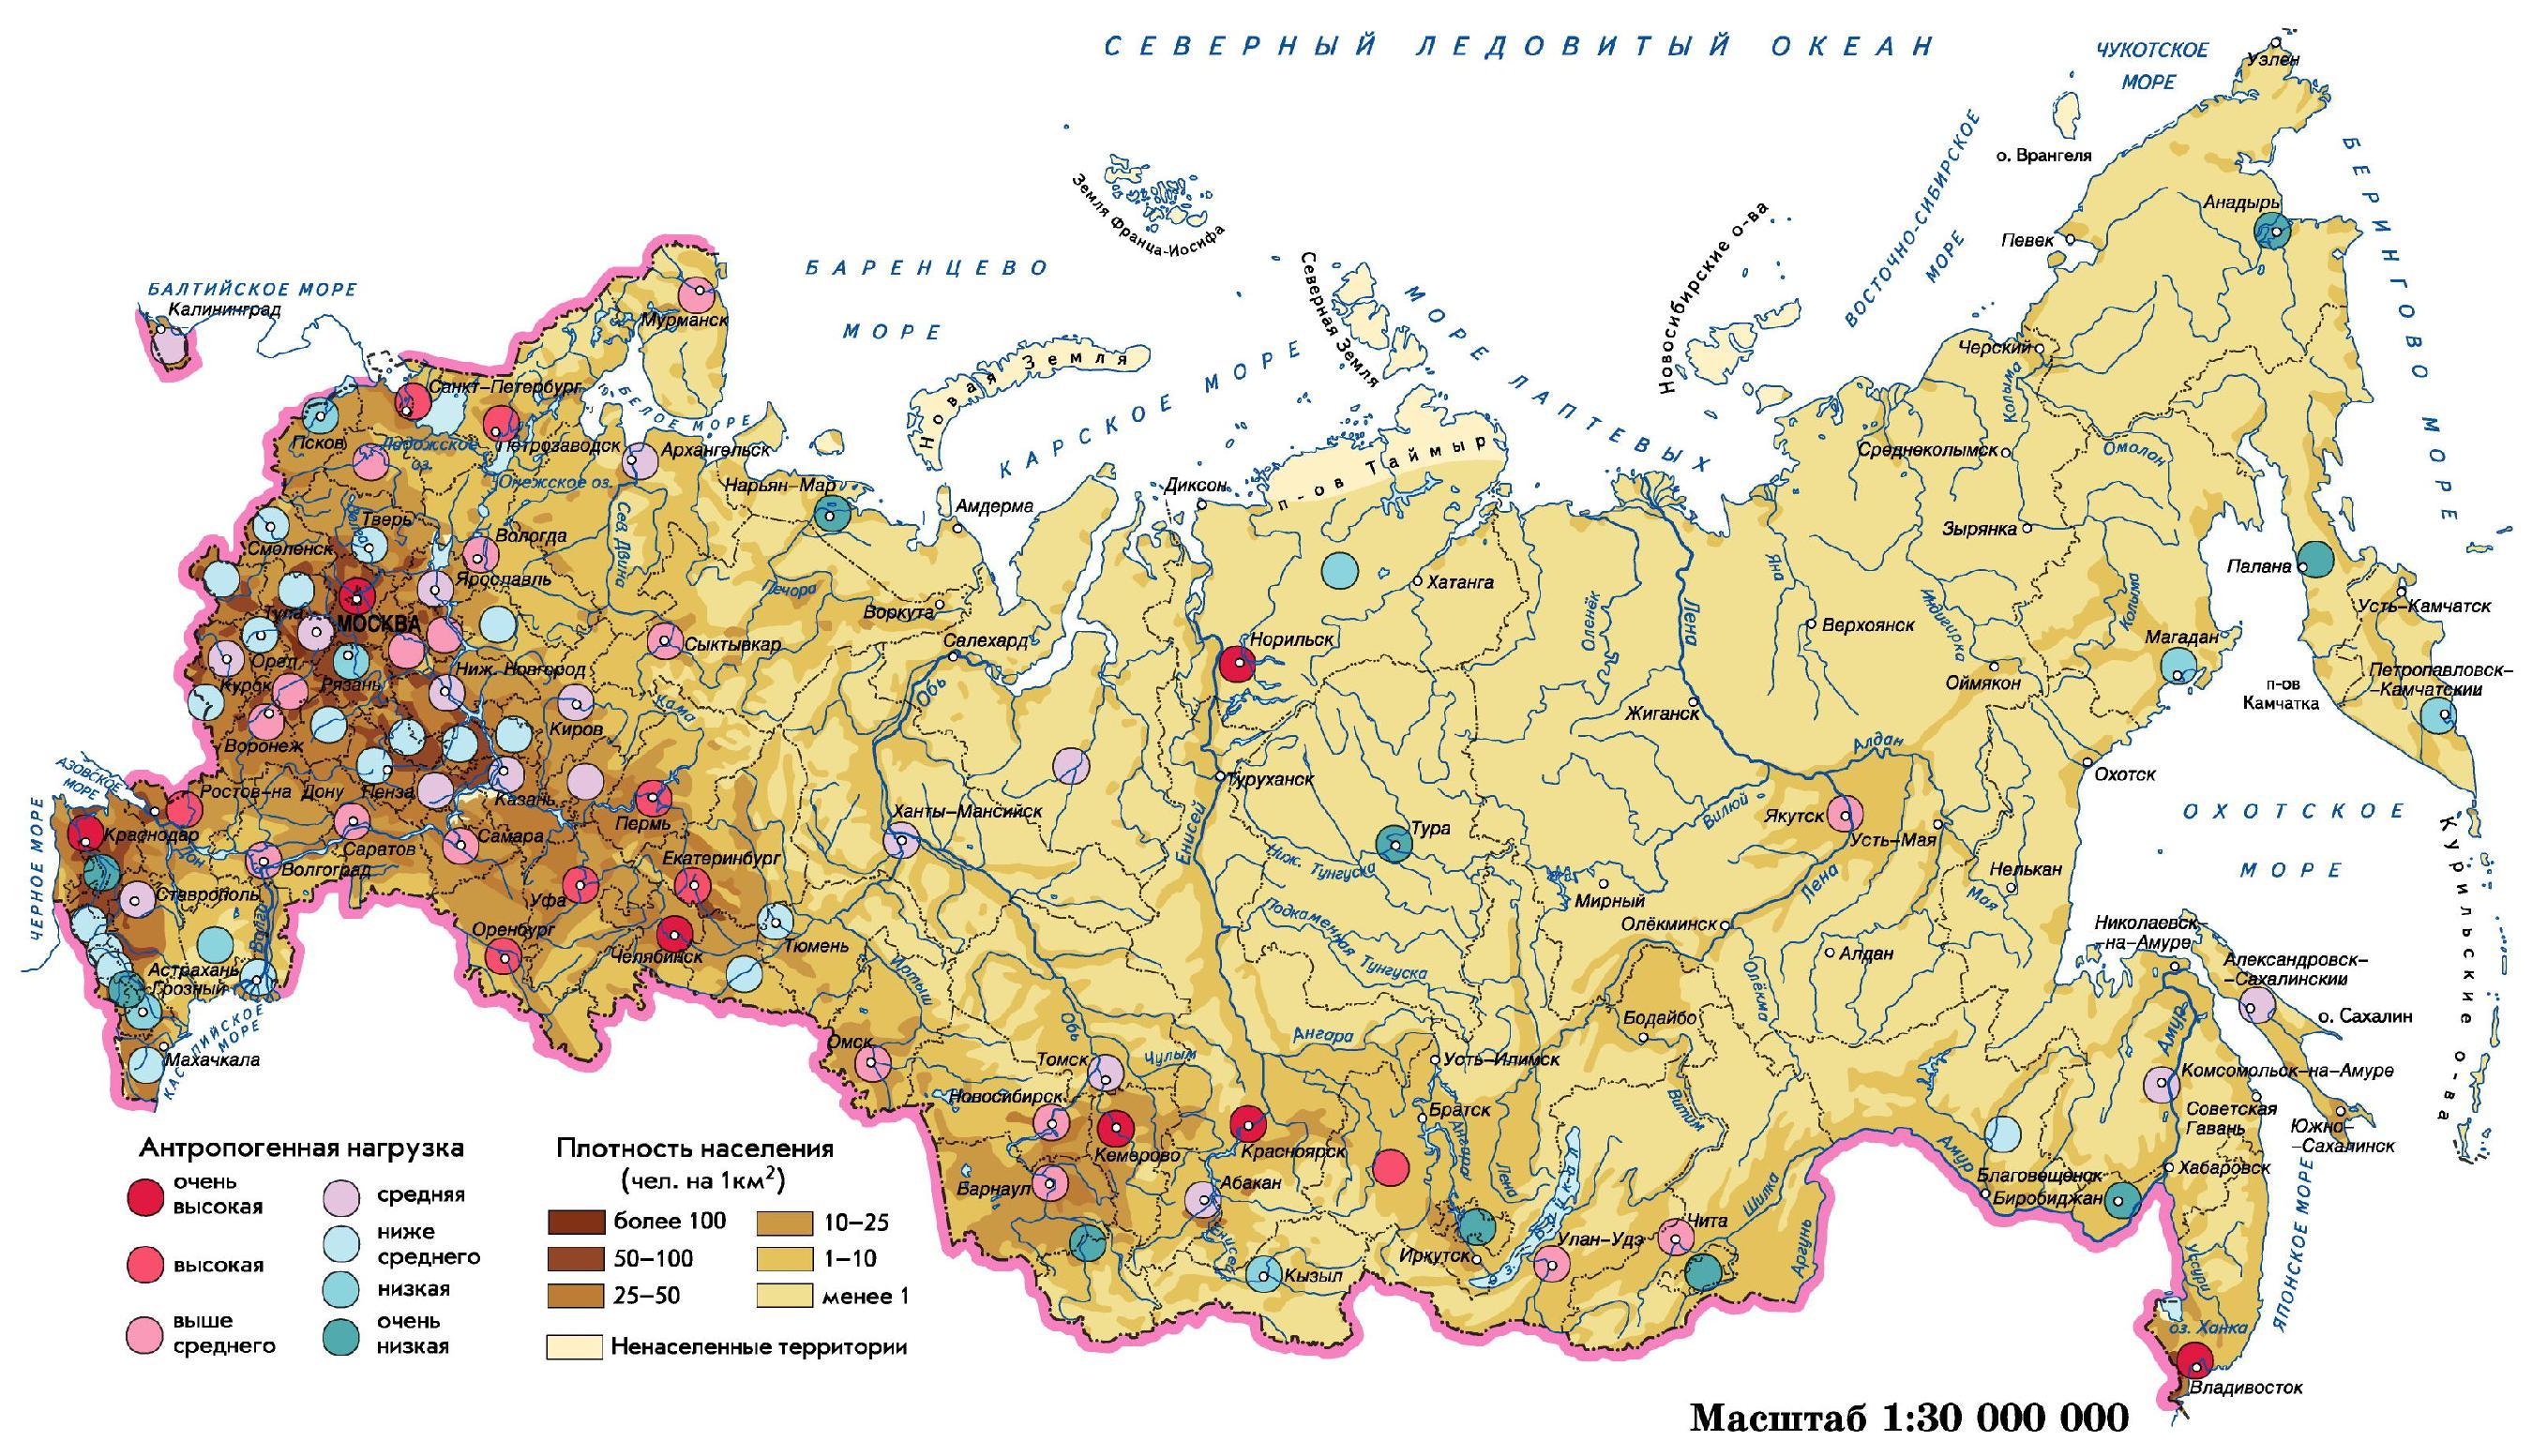 плотность населения россии картинки лучше всего